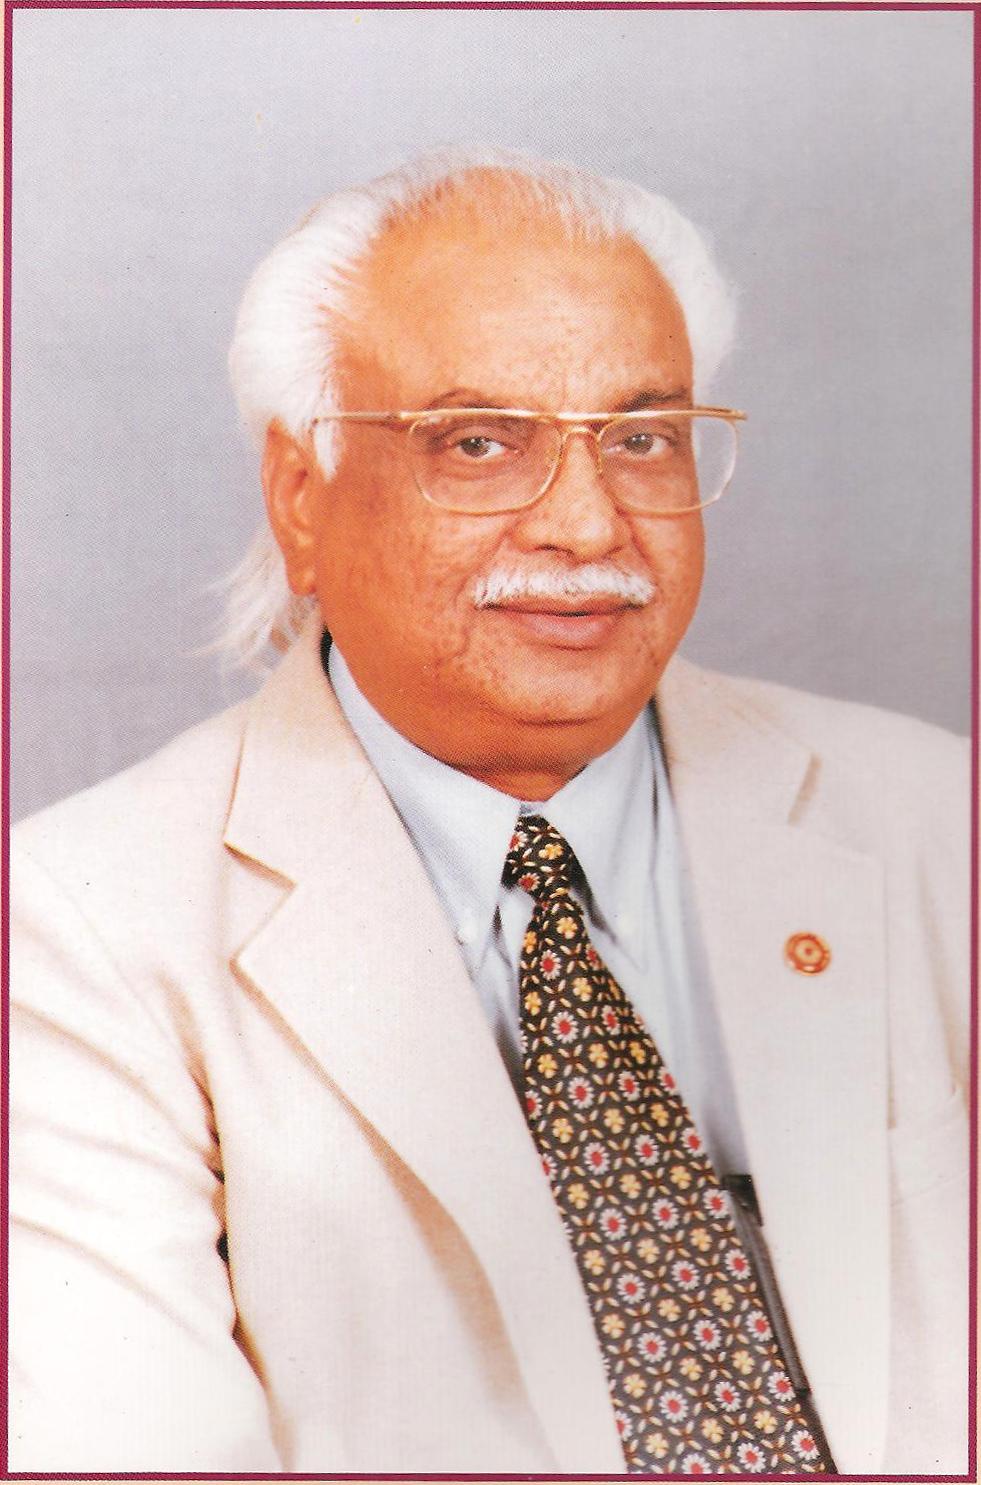 Profile image of Mittal, Dr Jai Pal